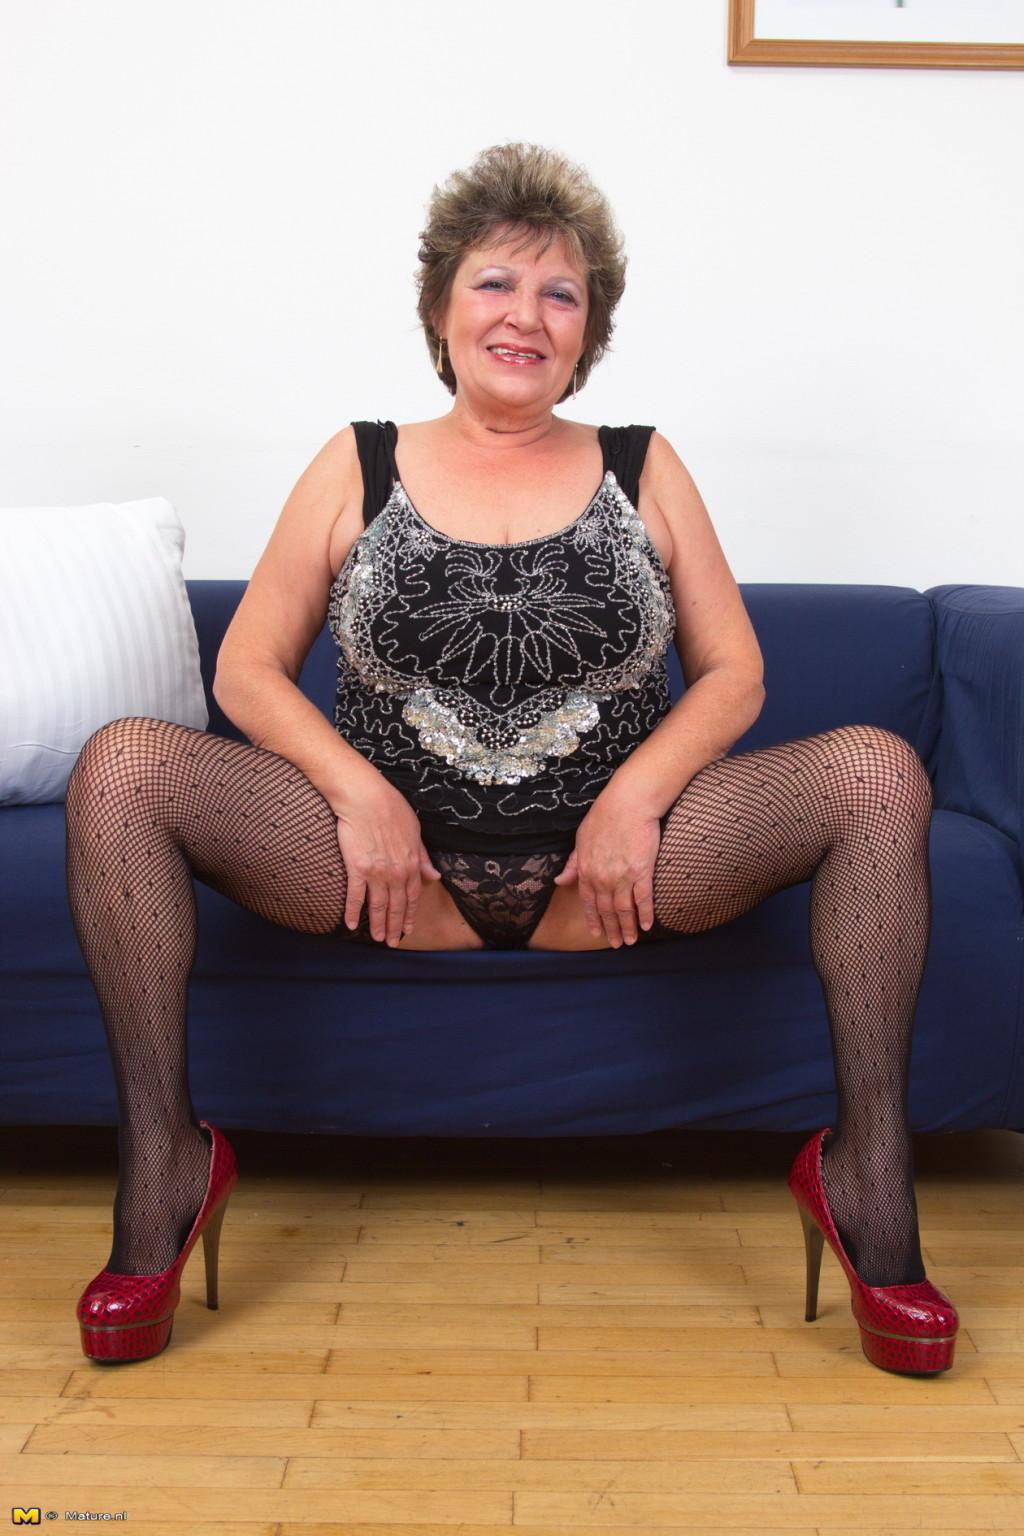 порно галерея зрелых женщ ин подборка порно фото 11